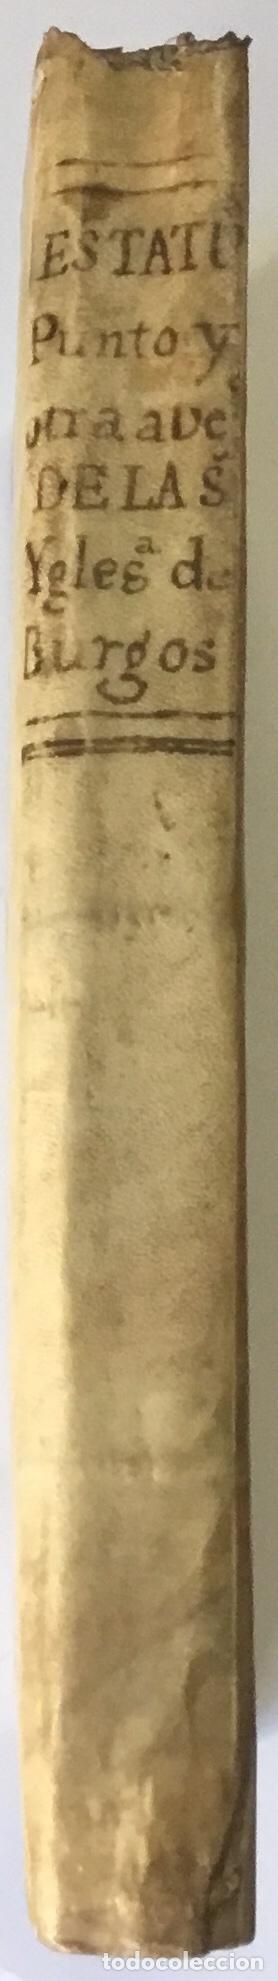 Libros antiguos: COMPENDIO DE LOS ESTATUTOS DE ESTA SANTA IGLESIA METROPOLITANA DE BURGOS, HECHOS EL AÑO DE MIL Y QUI - Foto 10 - 112436459